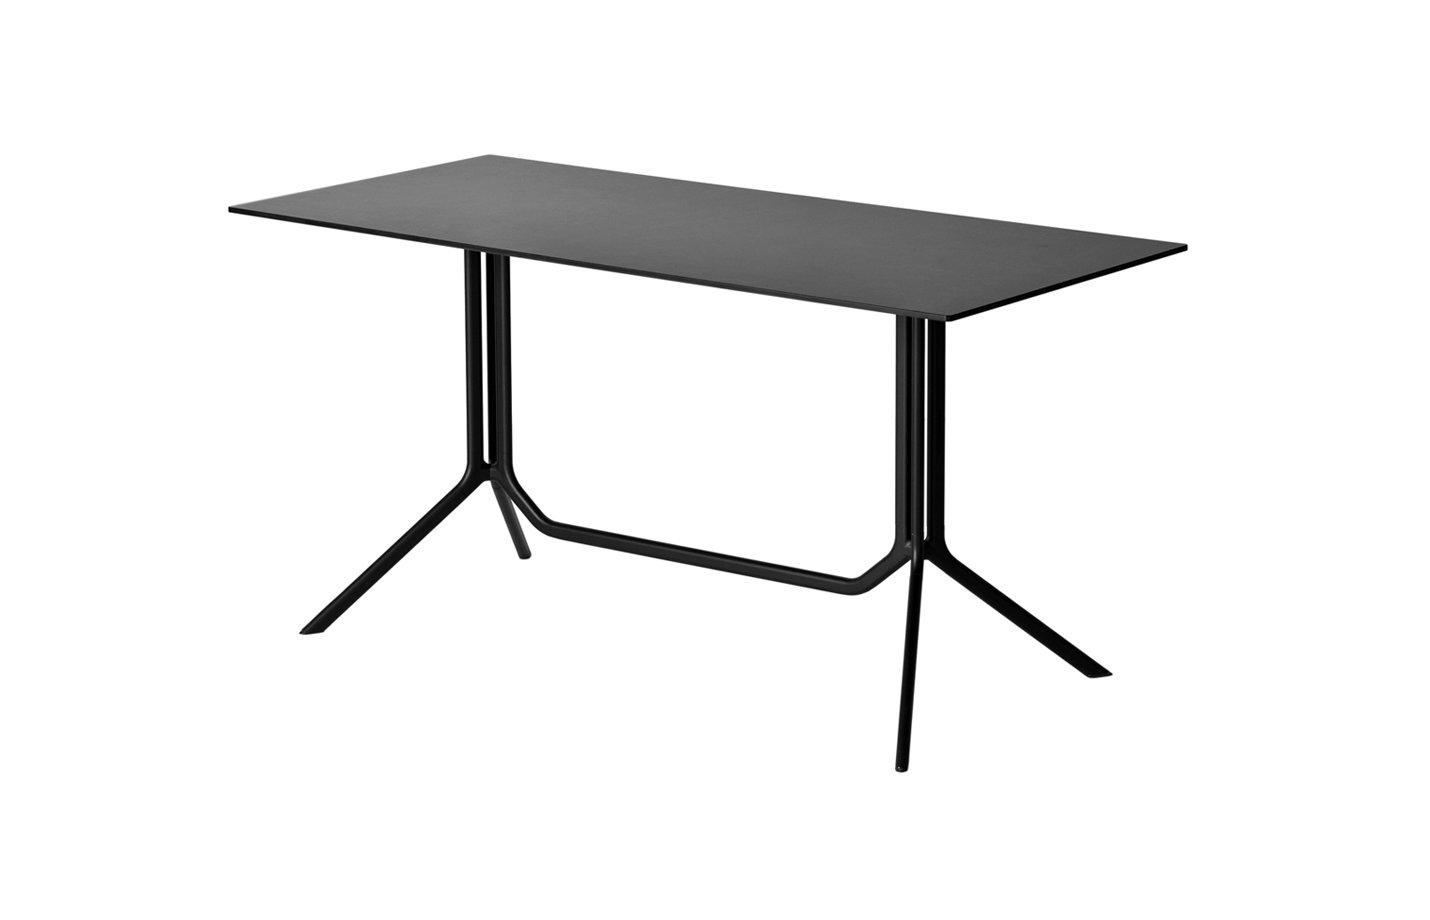 Poule table – rectangle – black